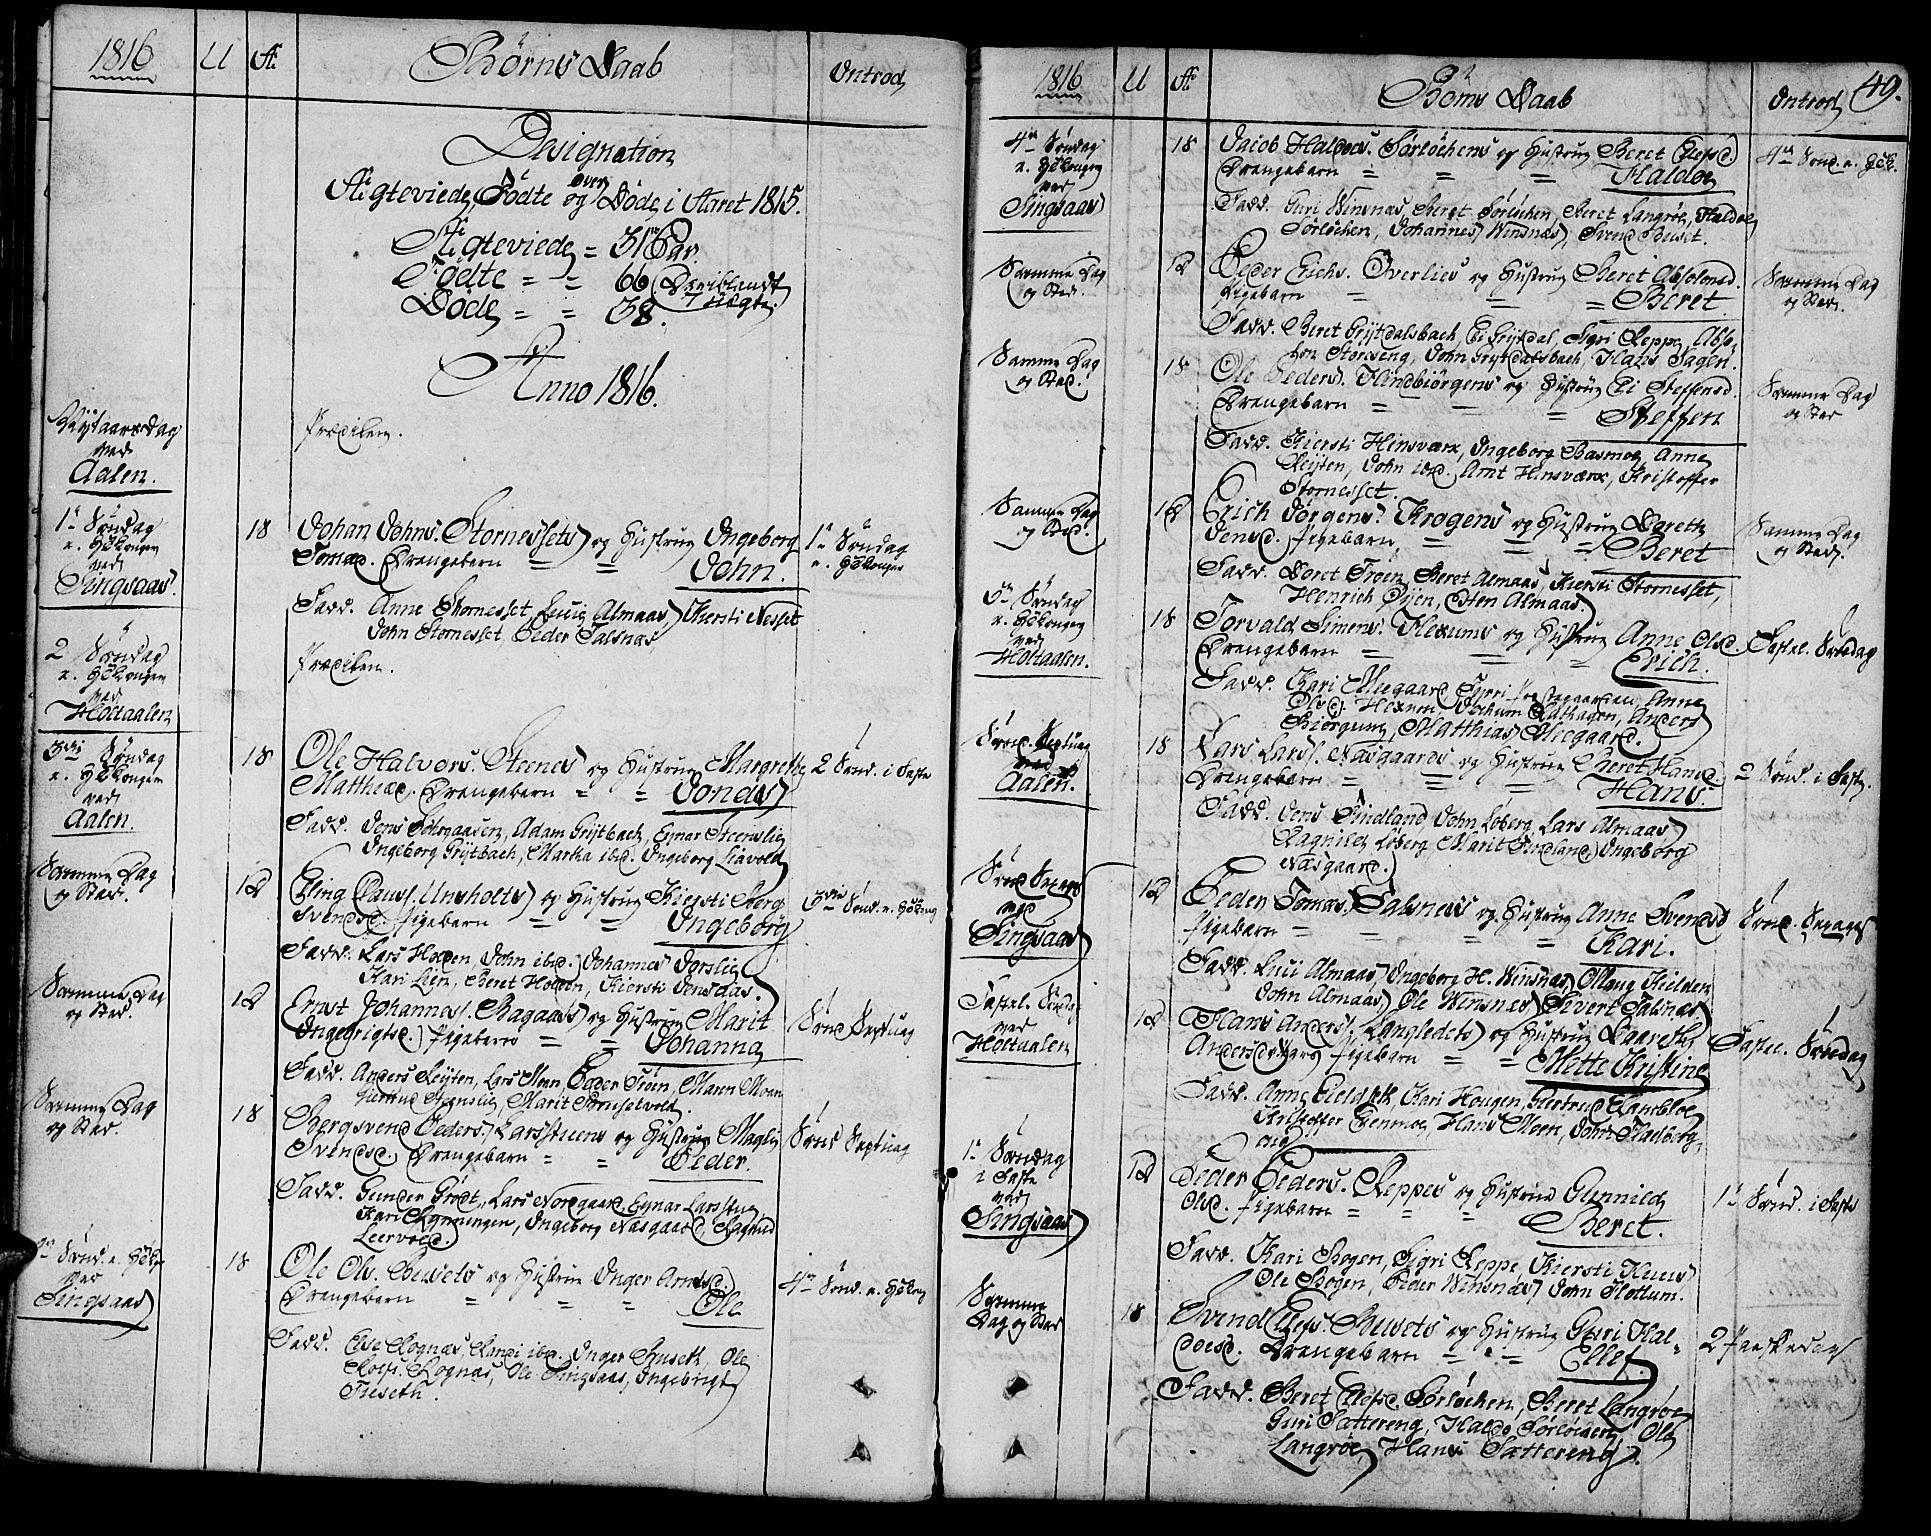 SAT, Ministerialprotokoller, klokkerbøker og fødselsregistre - Sør-Trøndelag, 685/L0953: Ministerialbok nr. 685A02, 1805-1816, s. 49